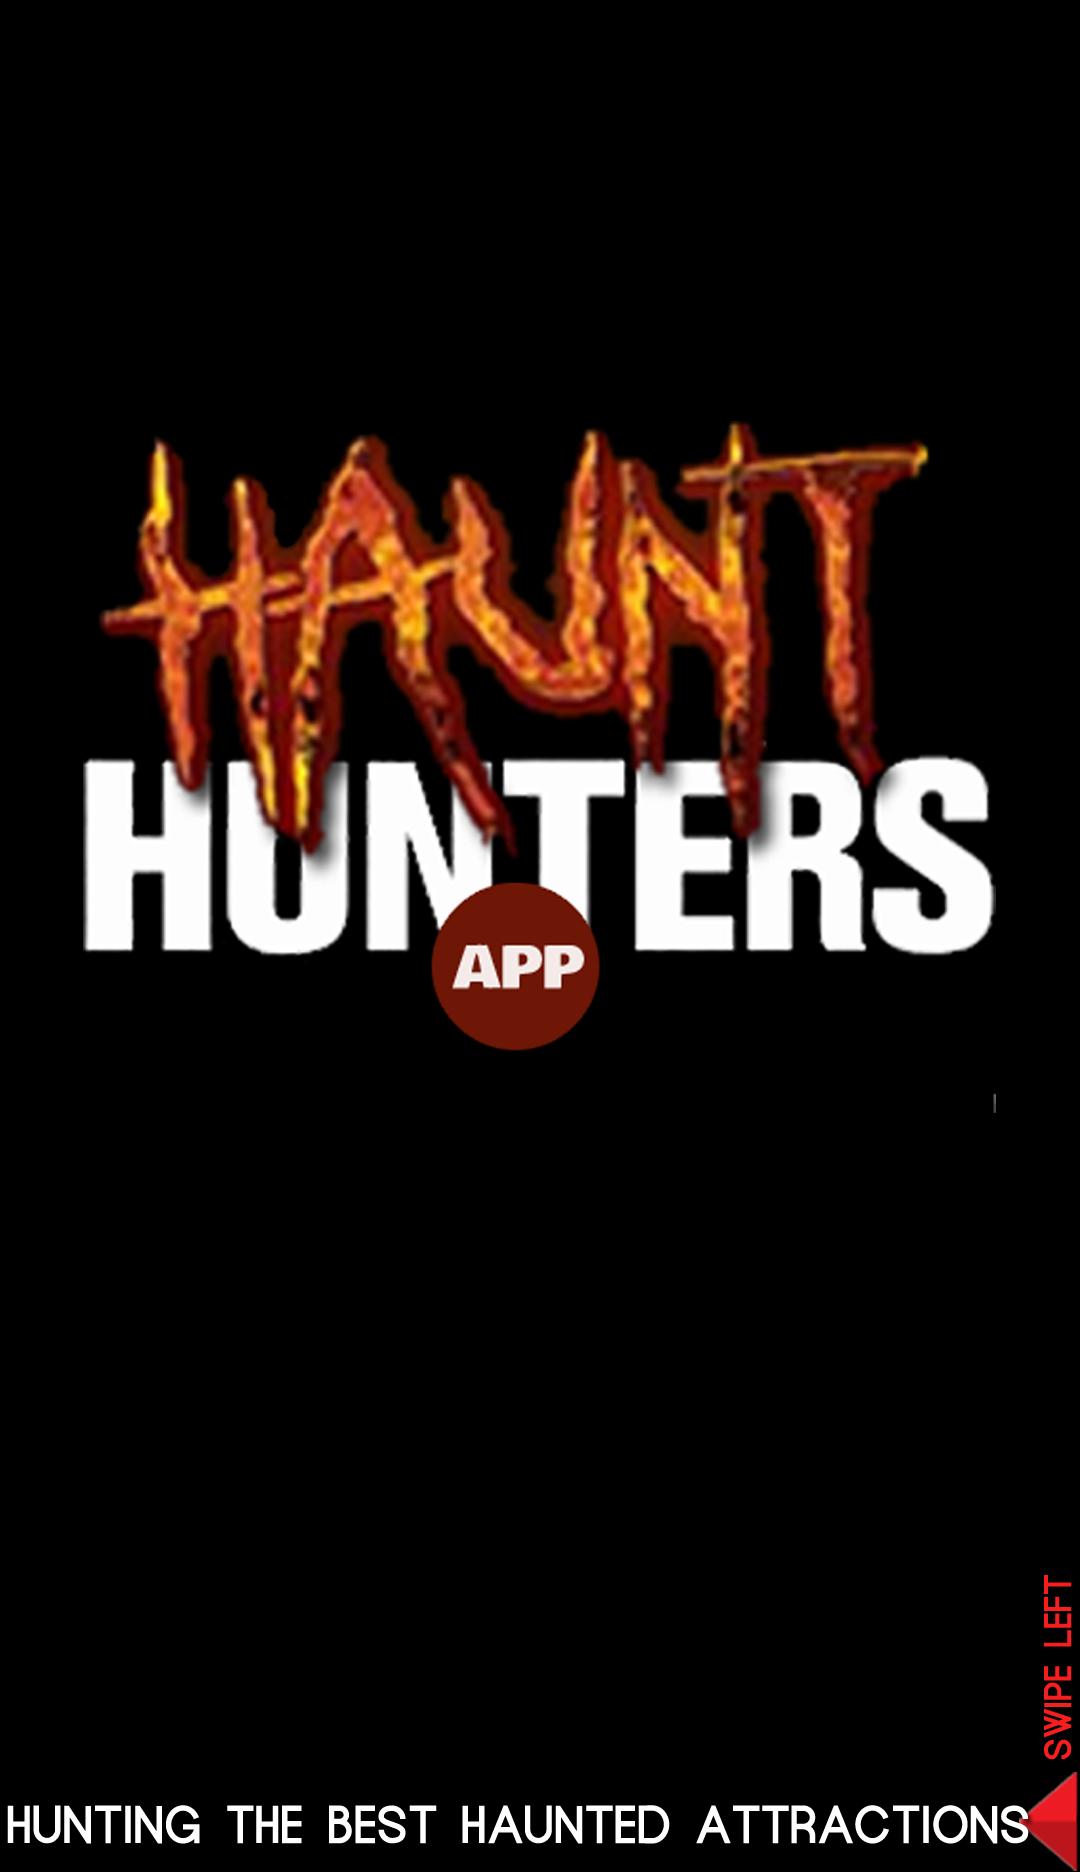 Haunt Hunters App 2020